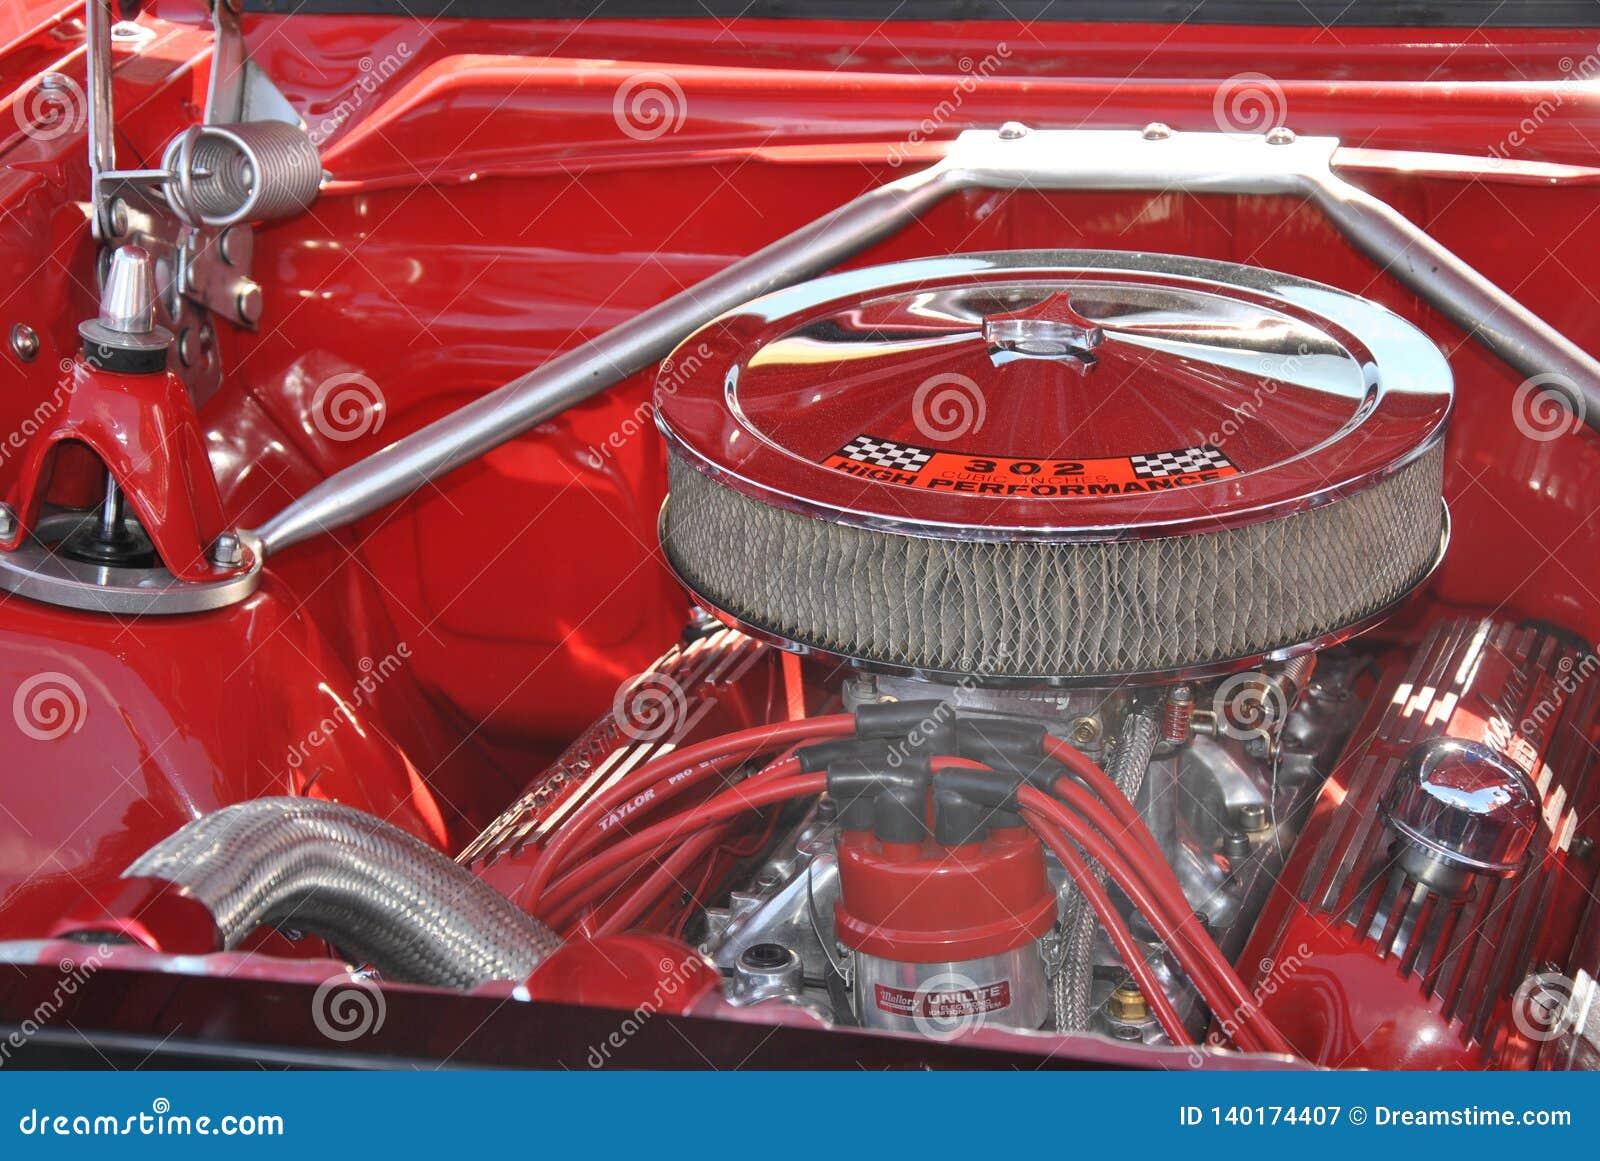 Moteur passé au bichromate de potasse brillant de vieux camion rouge